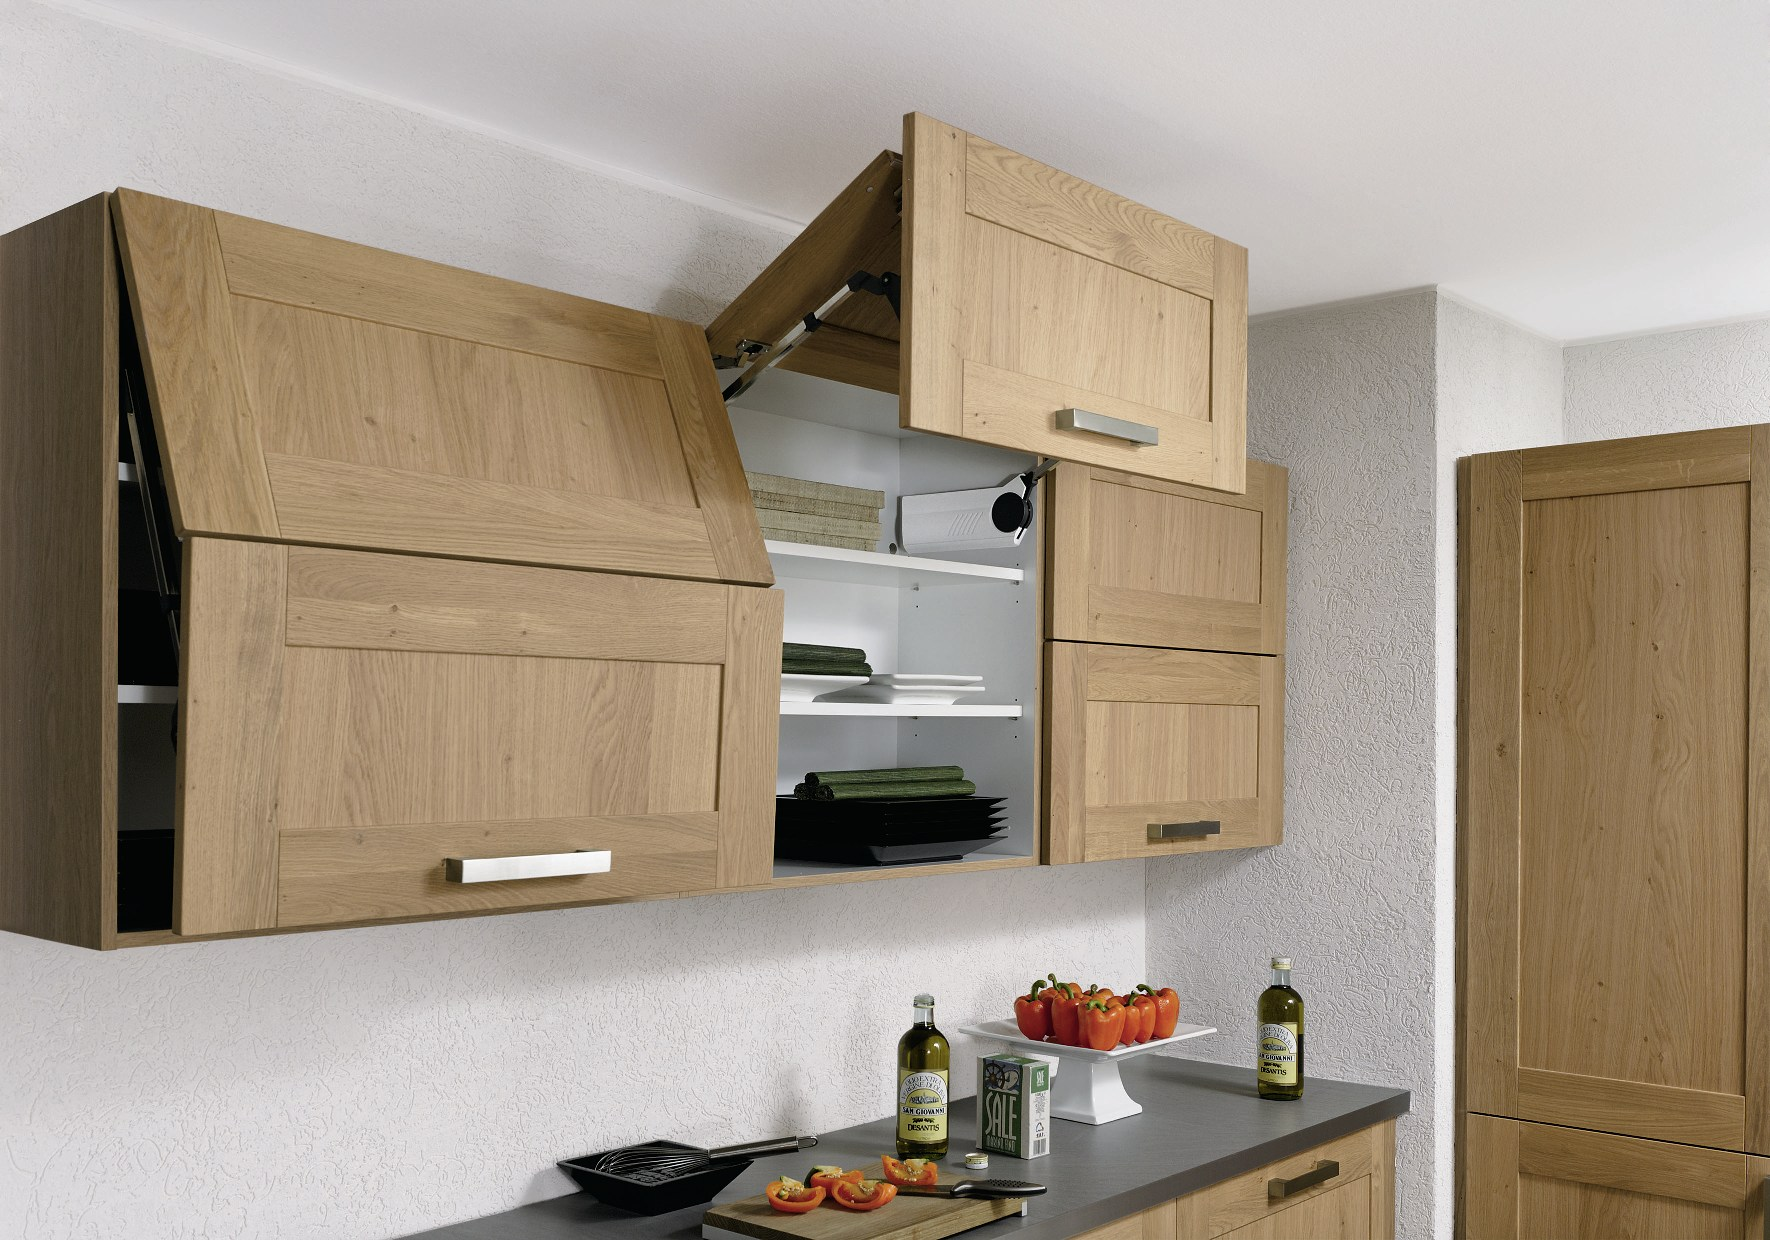 навесные шкафы для размещения кухонных принадлежностей